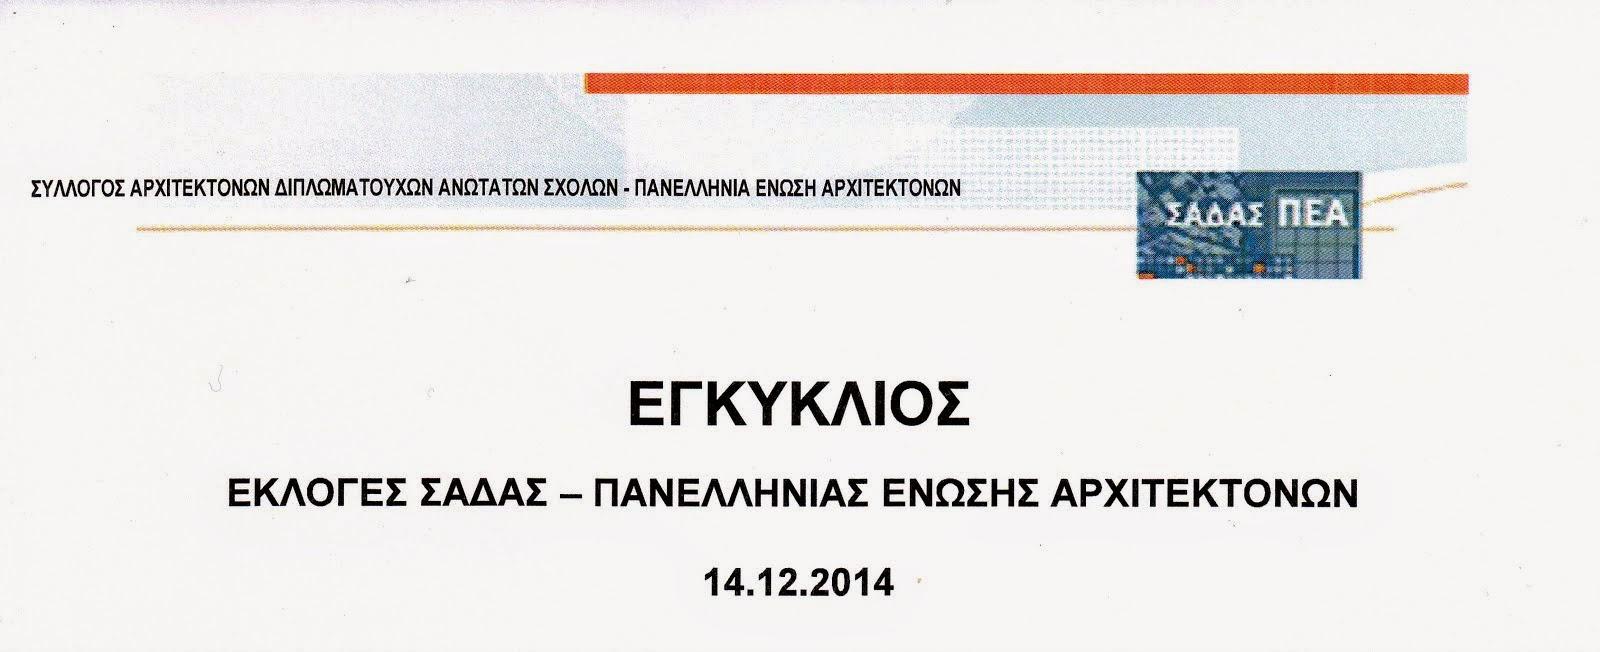 Εκλογές ΣΑΔΑΣ-ΠΕΑ / 14.12.2014 / Η ΔΙΑΔΙΚΑΣΙΑ